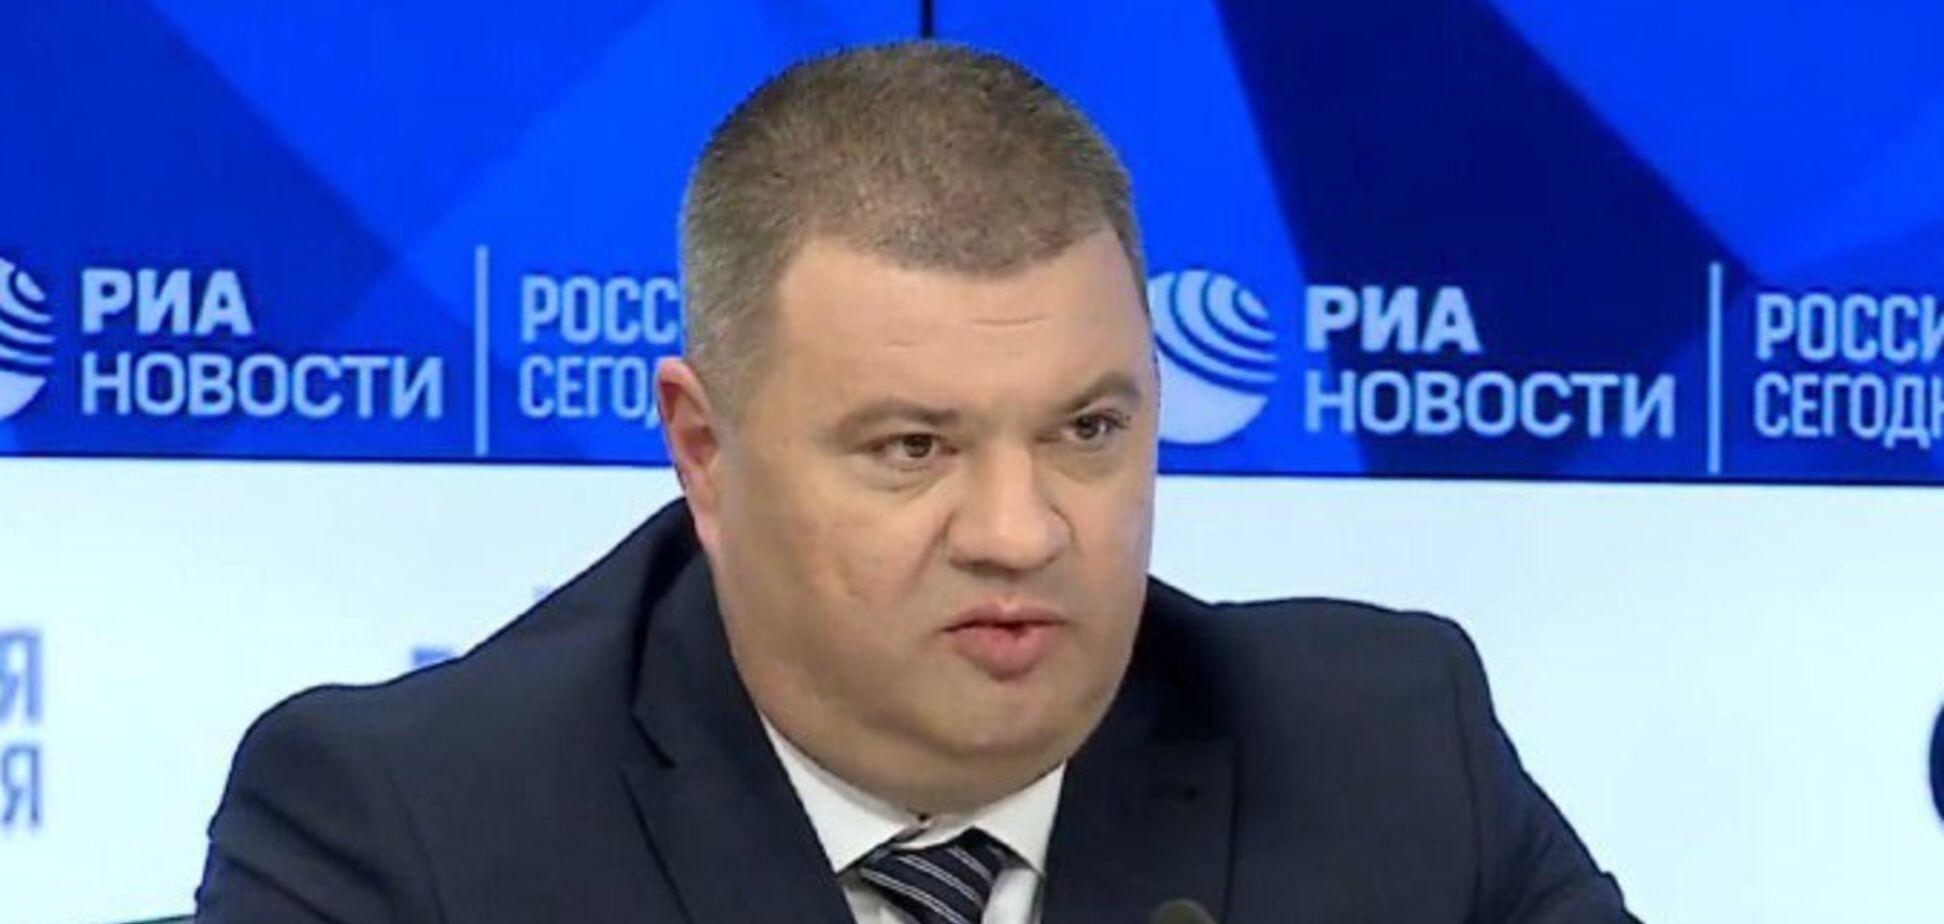 'Кровь на бетоне, стены исцарапаны ногтями!' Предатель из СБУ выдал сенсацию о секретных тюрьмах на Донбассе